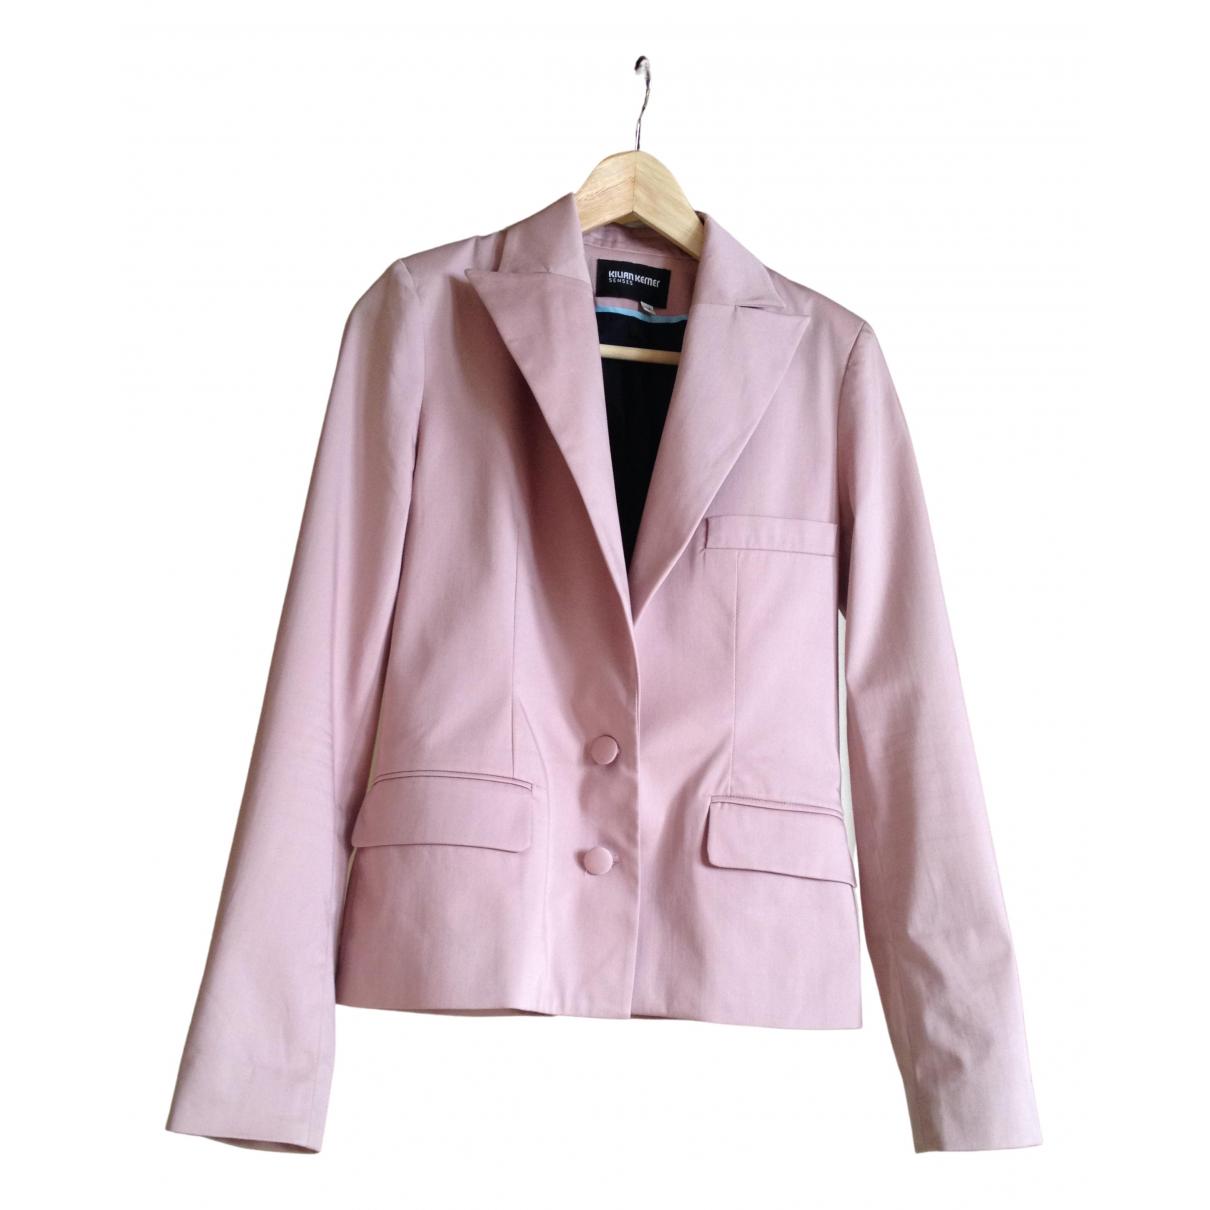 Kilian Kerner - Veste   pour femme en coton - rose